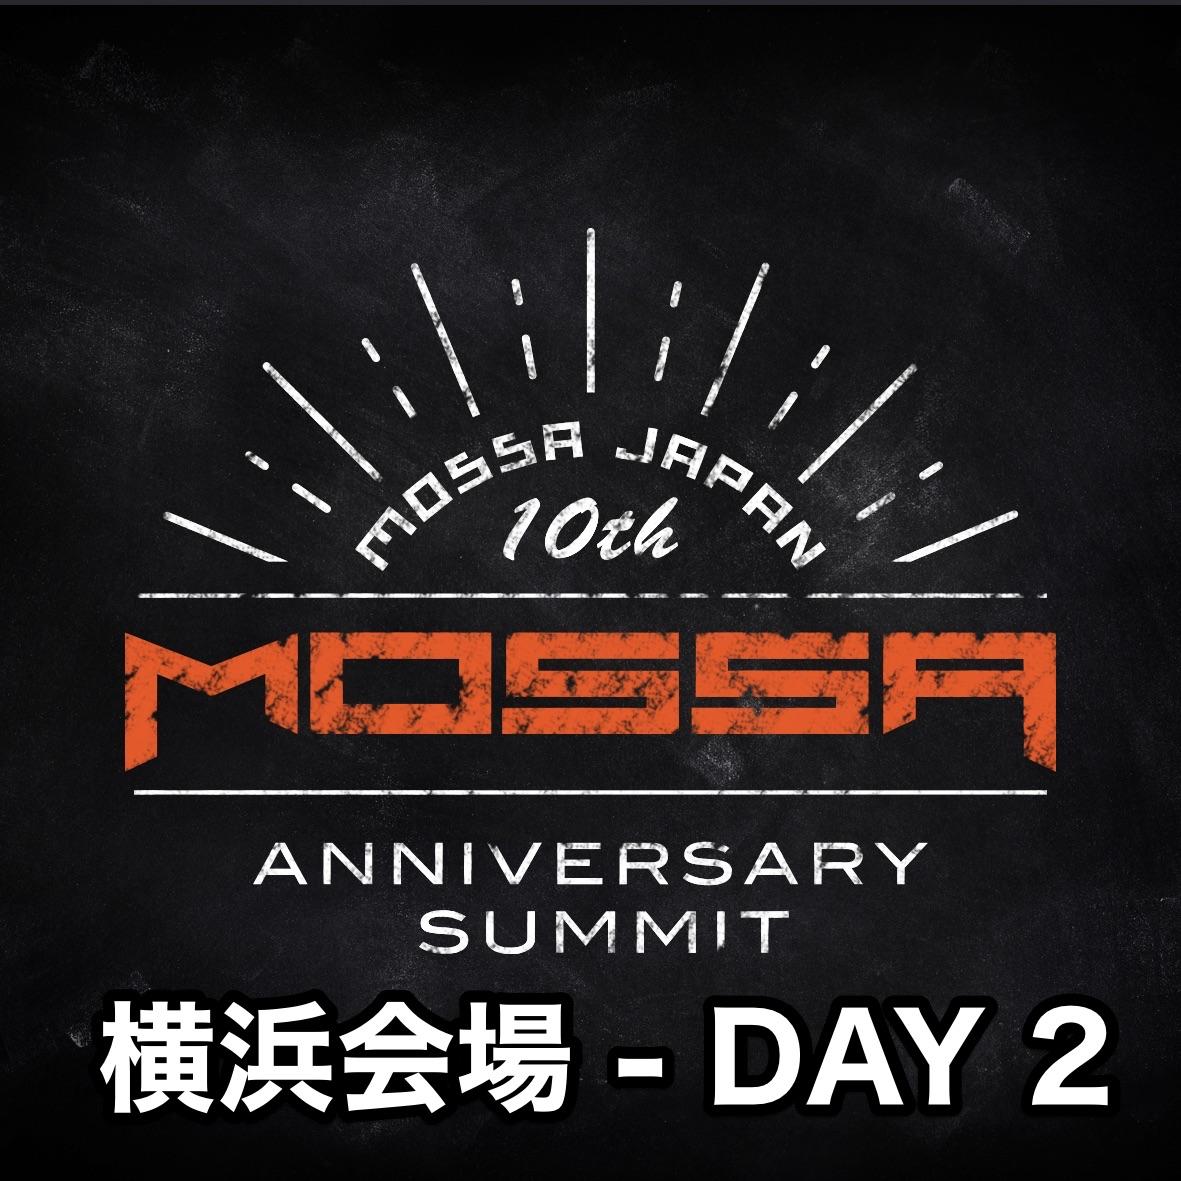 【関東(横浜)会場】DAY 2 ▶ インテンシブ・ビジネスセミナー 《MOSSA Japan 10th Anniversary SUMMIT》